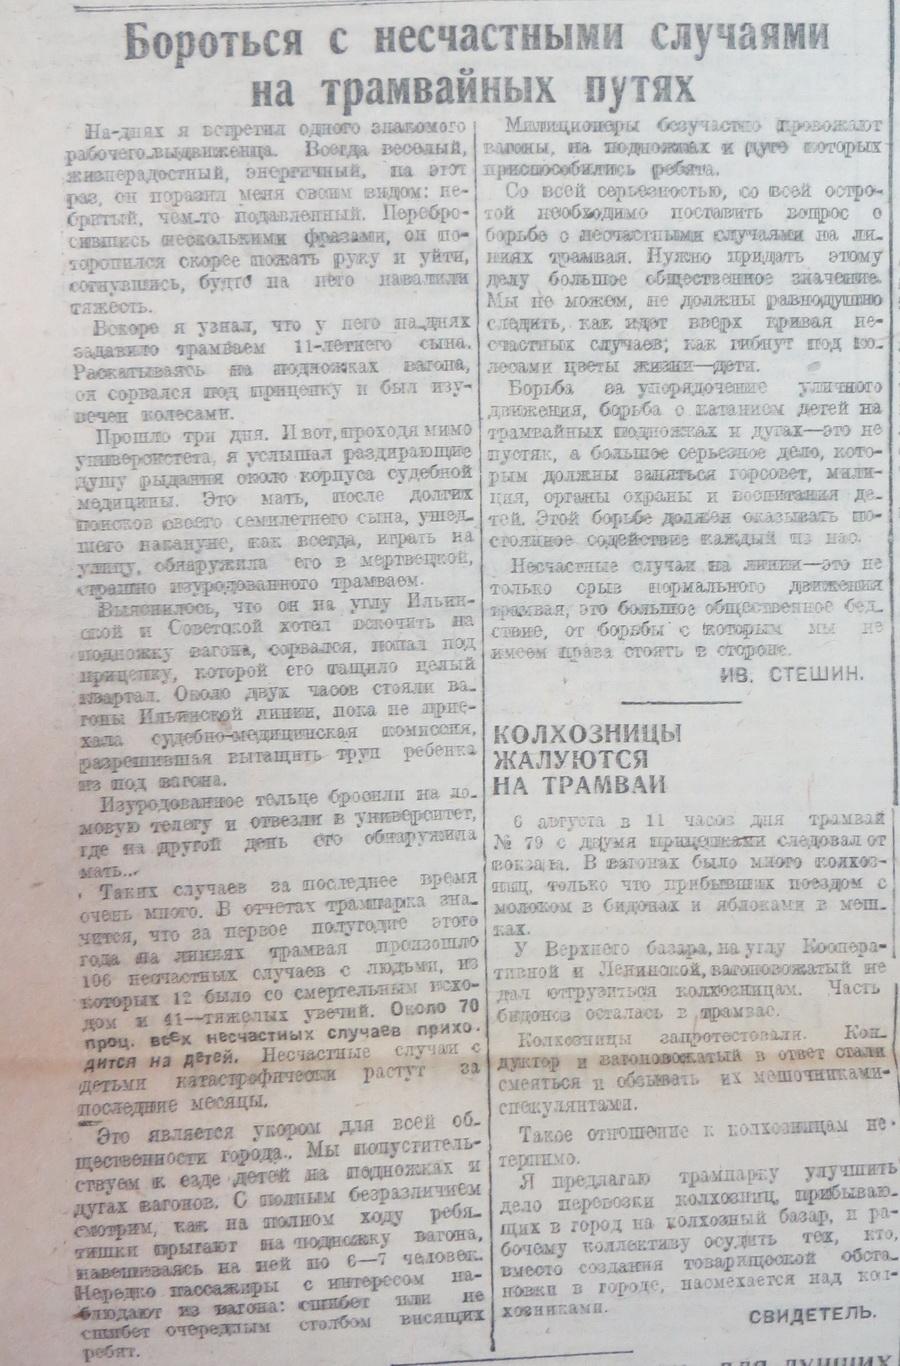 1932-08-17 борьба с несчастными случаями - прицеперы.jpg